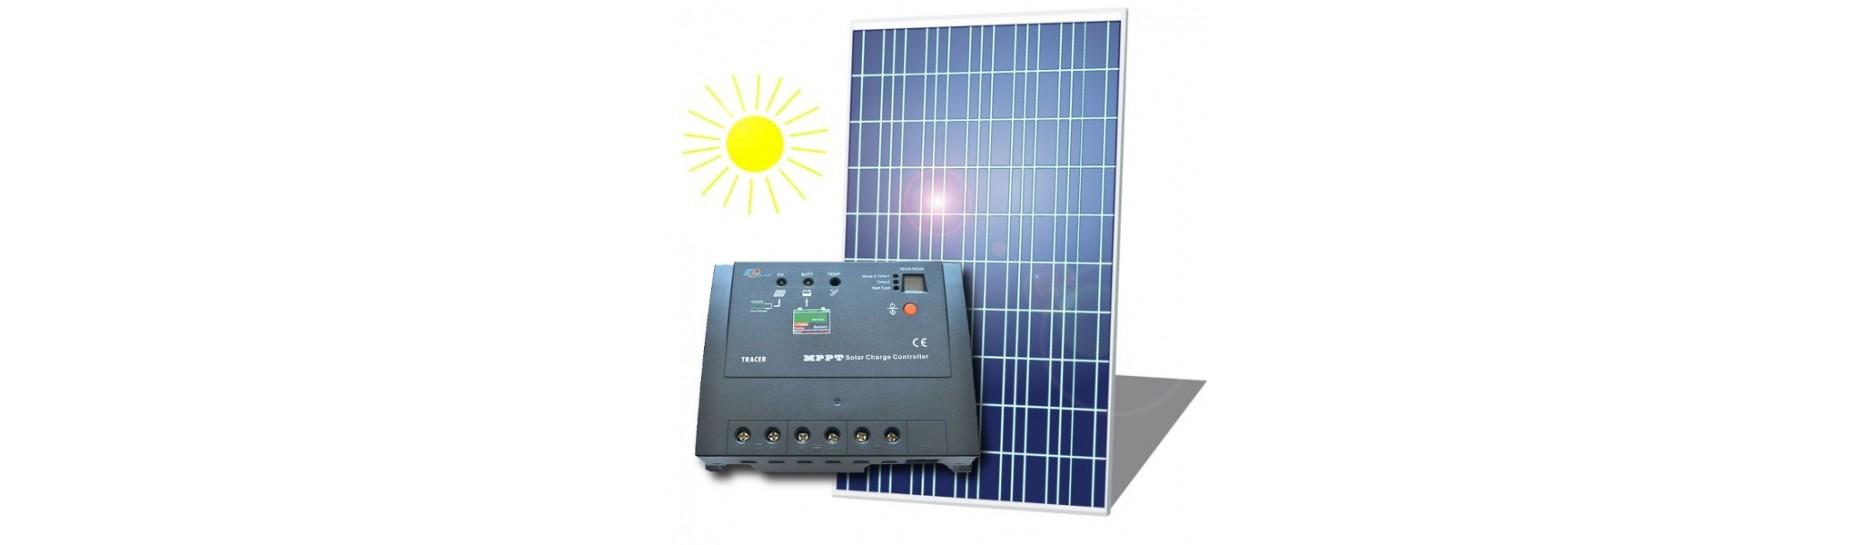 solární systémy, fotovoltaické panely, měniče, invertory